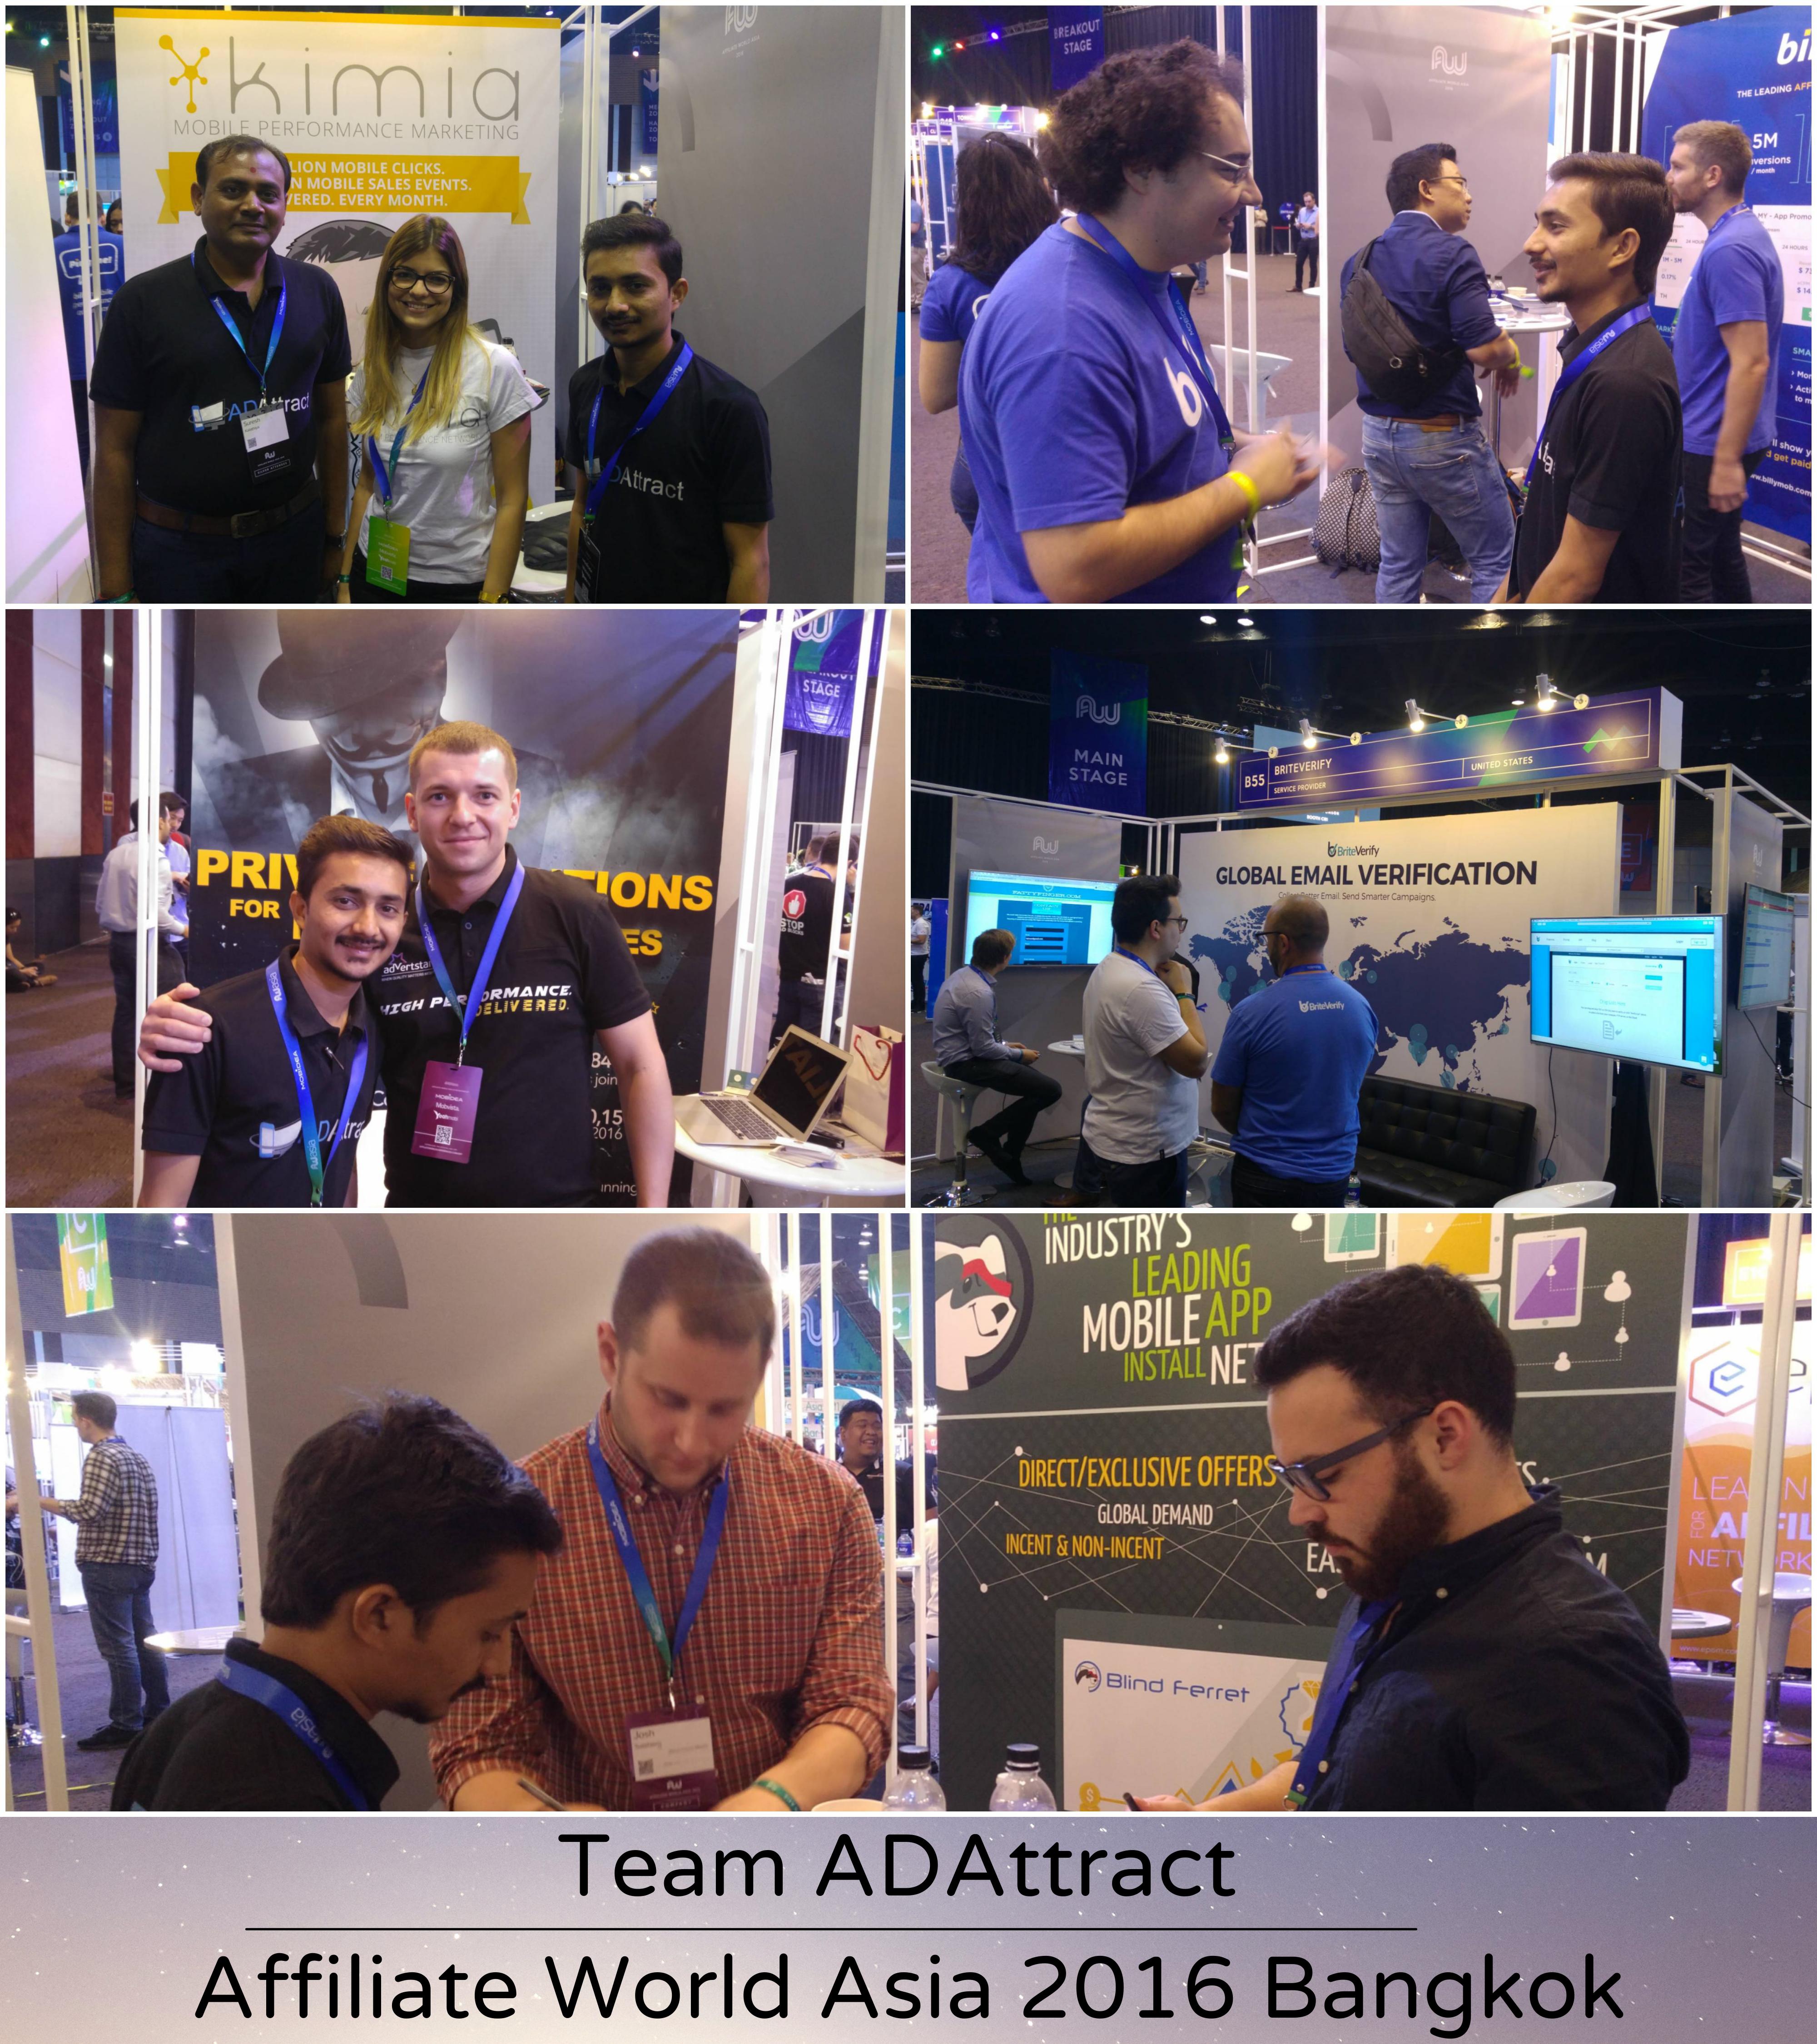 Team ADAttract